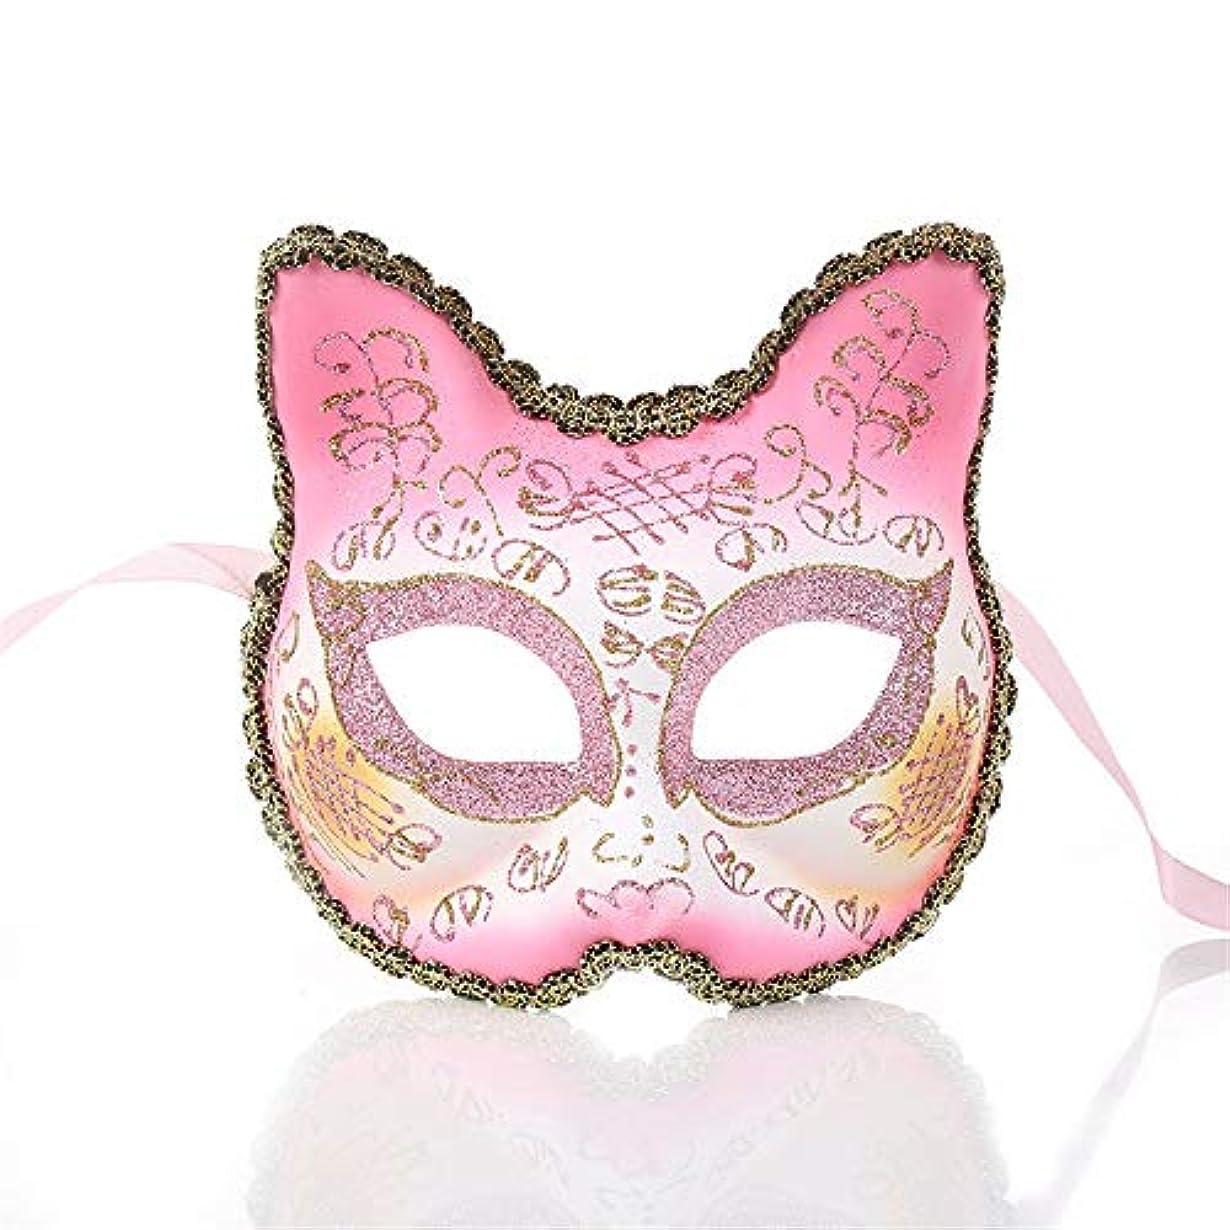 ダンスマスク ワイルドマスカレードロールプレイングパーティーの小道具ナイトクラブのマスクの雰囲気クリスマスフェスティバルロールプレイングプラスチックマスク ホリデーパーティー用品 (色 : ピンク, サイズ : 13x13cm)